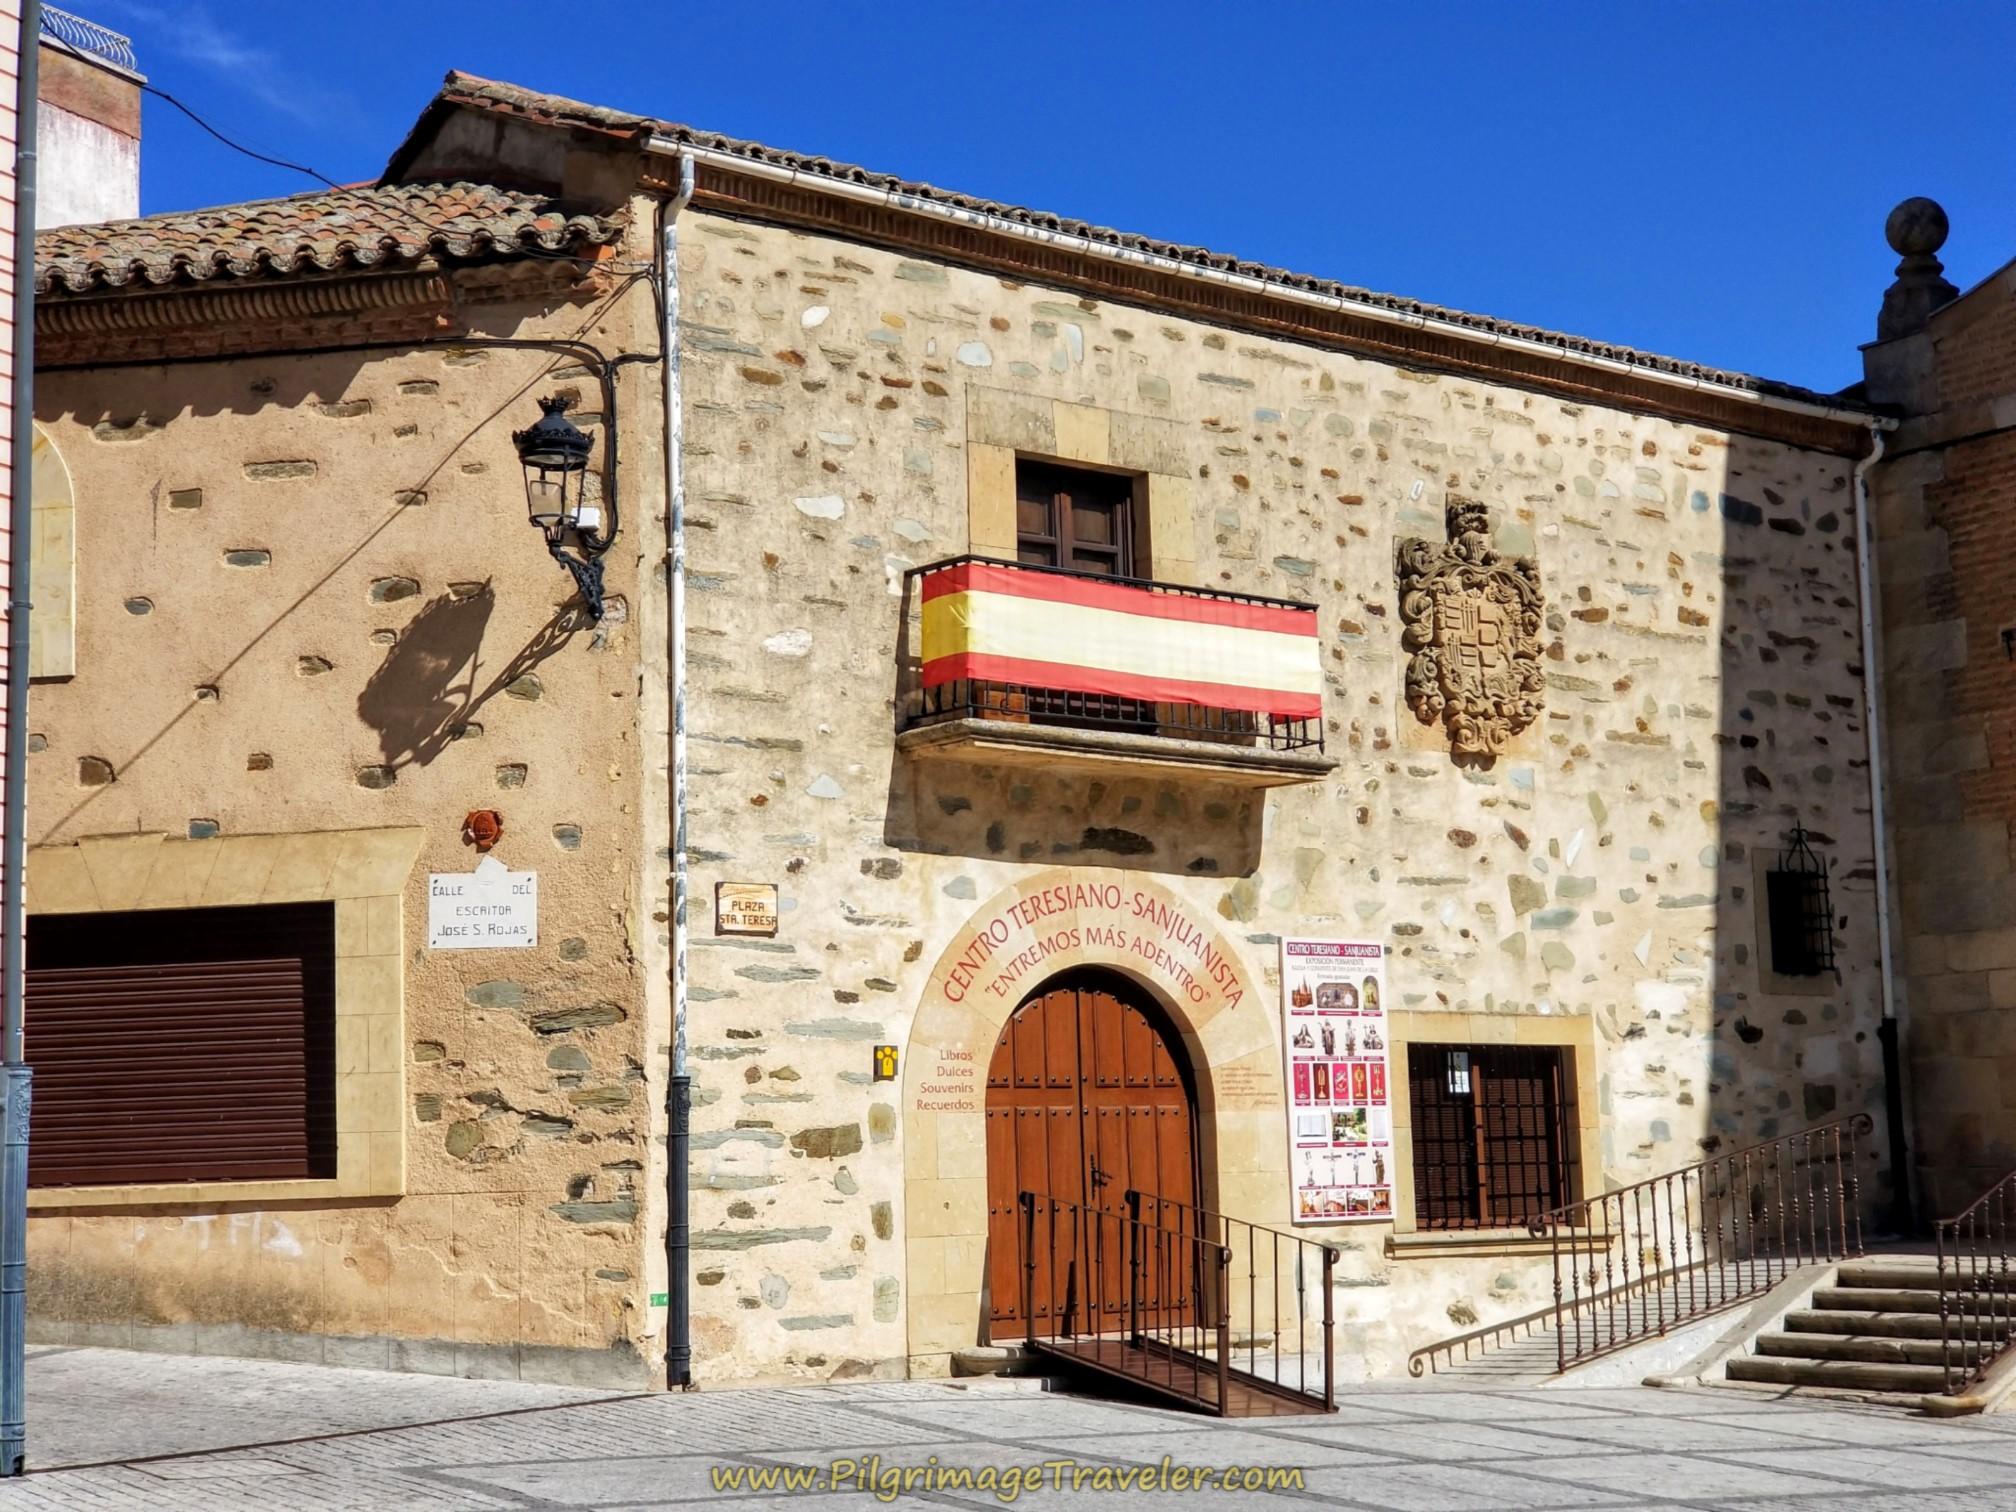 Centro Teresiano Sanjuanista in the Plaza Santa Teresa, Alba de Tormes